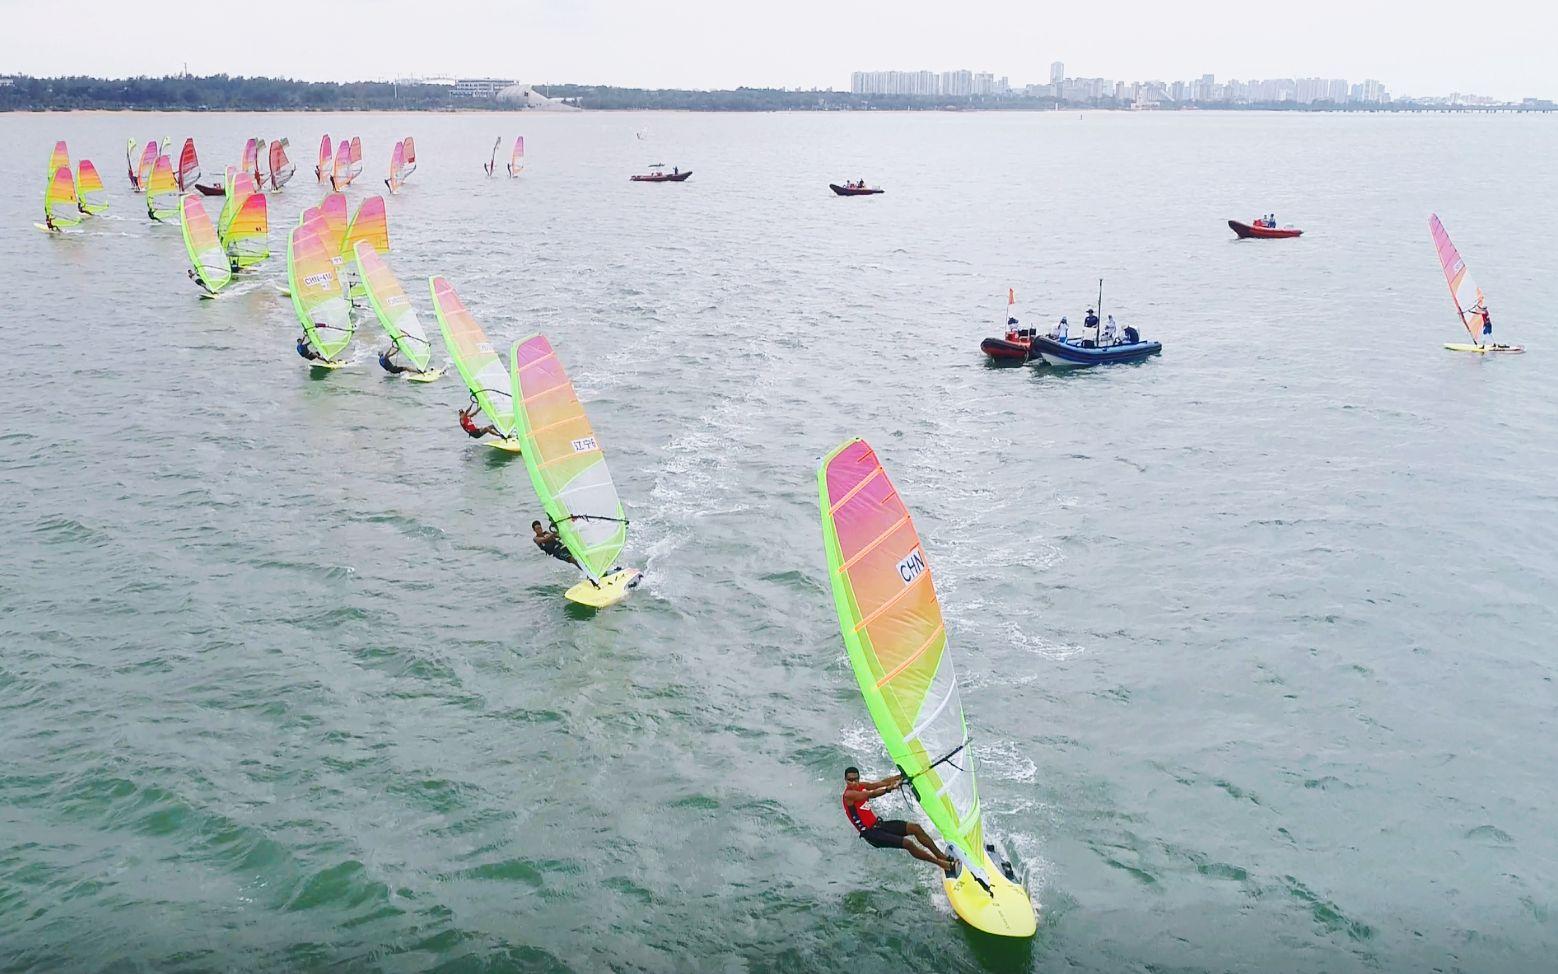 国家帆船帆板队接受奥运会模式检验,重点队员进步明显图片